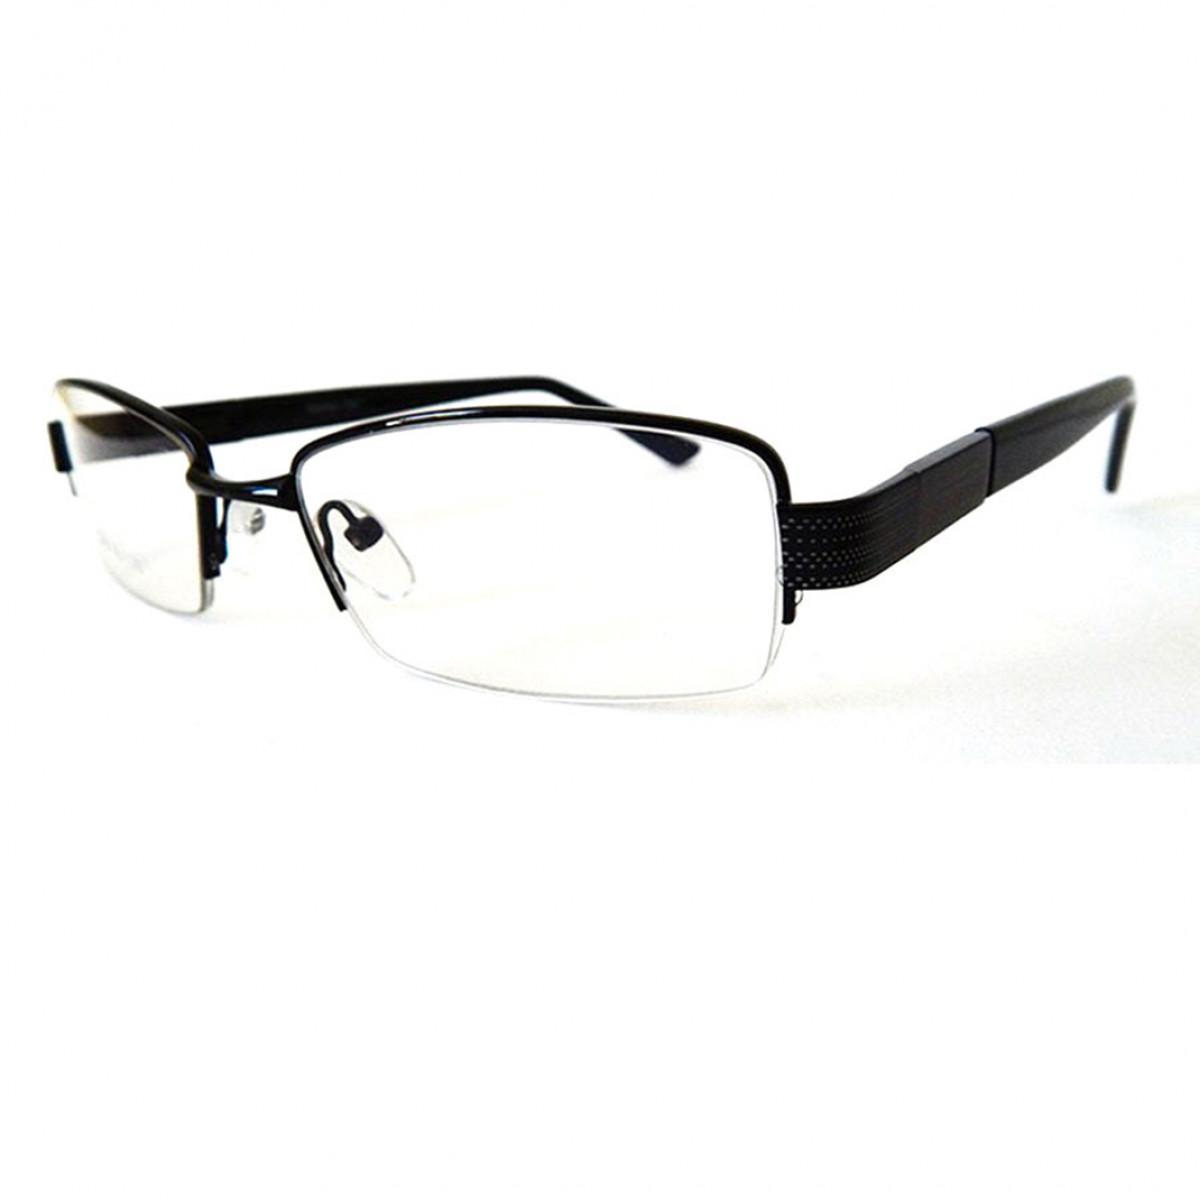 Armação óculos Grau Masculina 8738 Arm10009